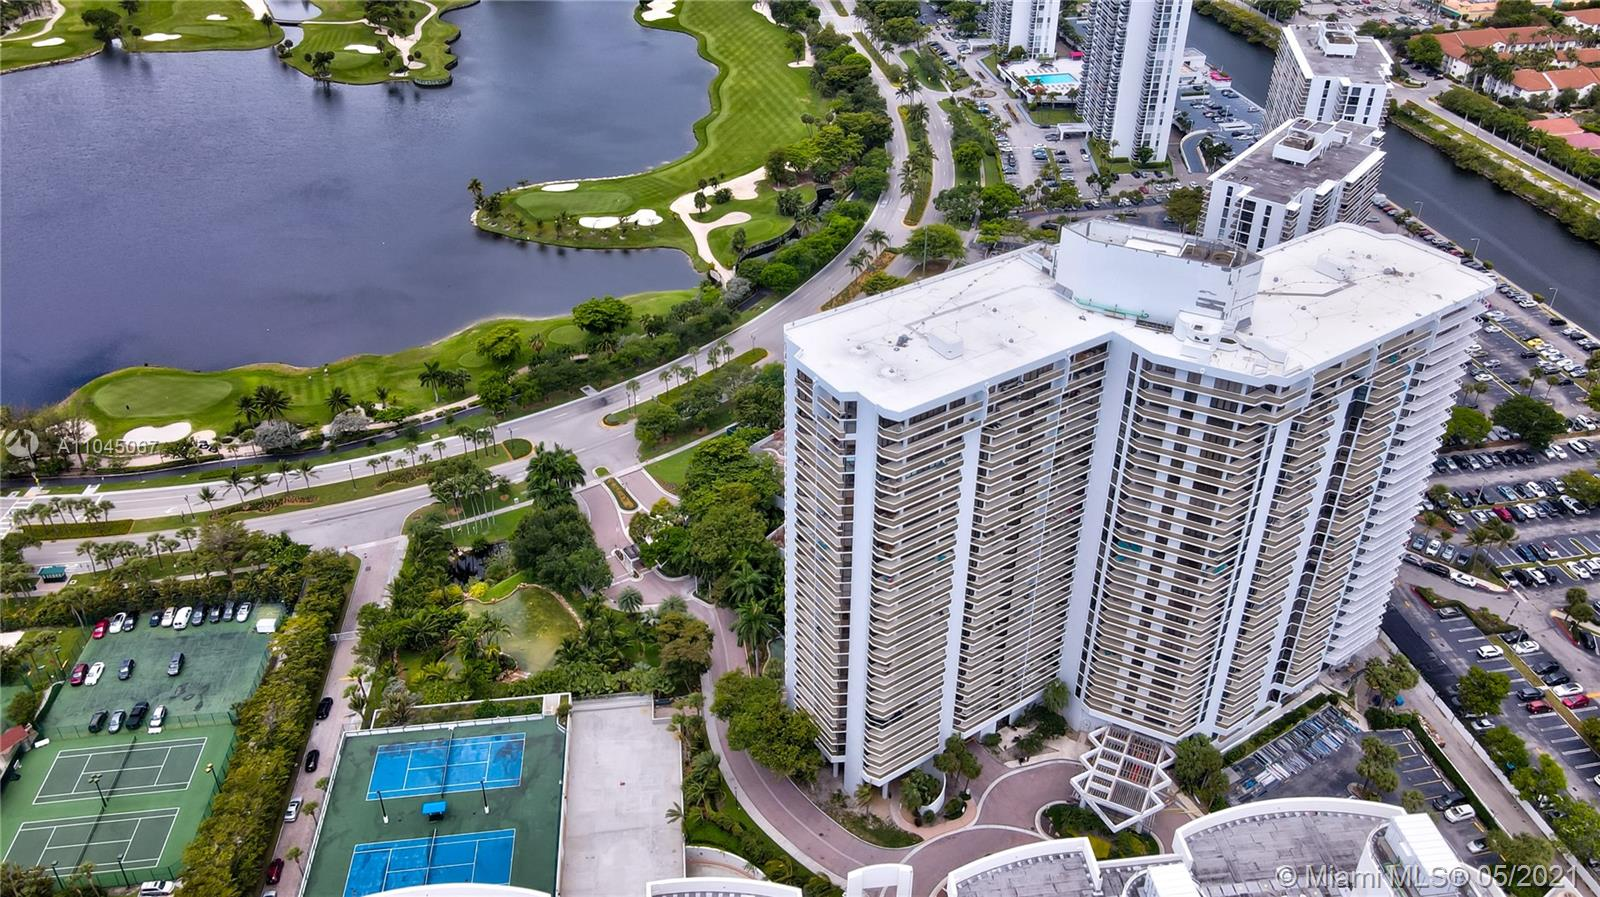 Photo of 20281 Country Club Dr #314, Aventura, Florida, 33180 - Hamptons West Condominium - Hamptons South Condominium